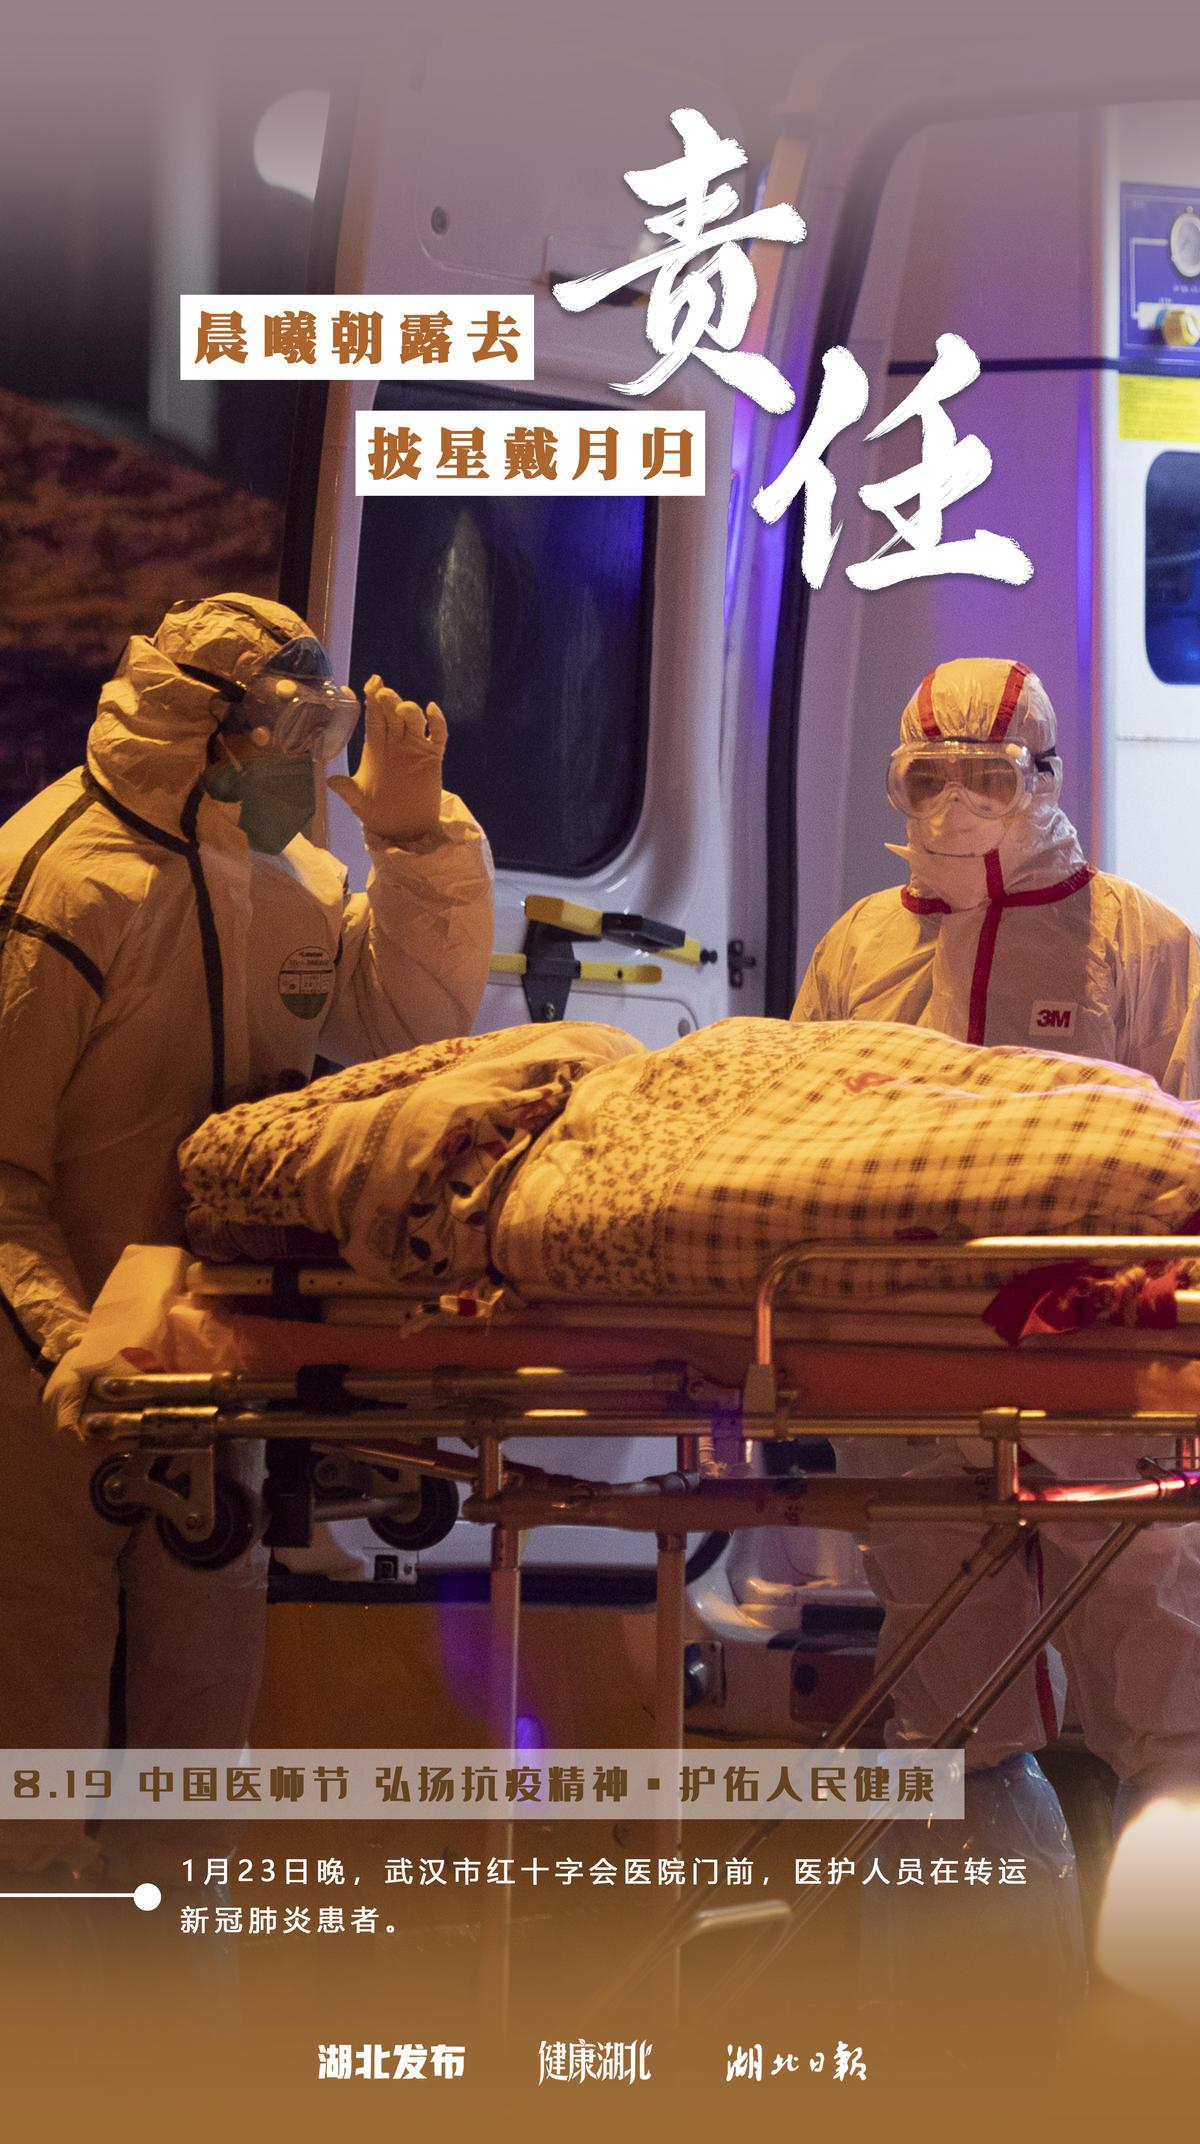 湖北发布医师节海报 感谢曾为湖北拼过命的医护人员